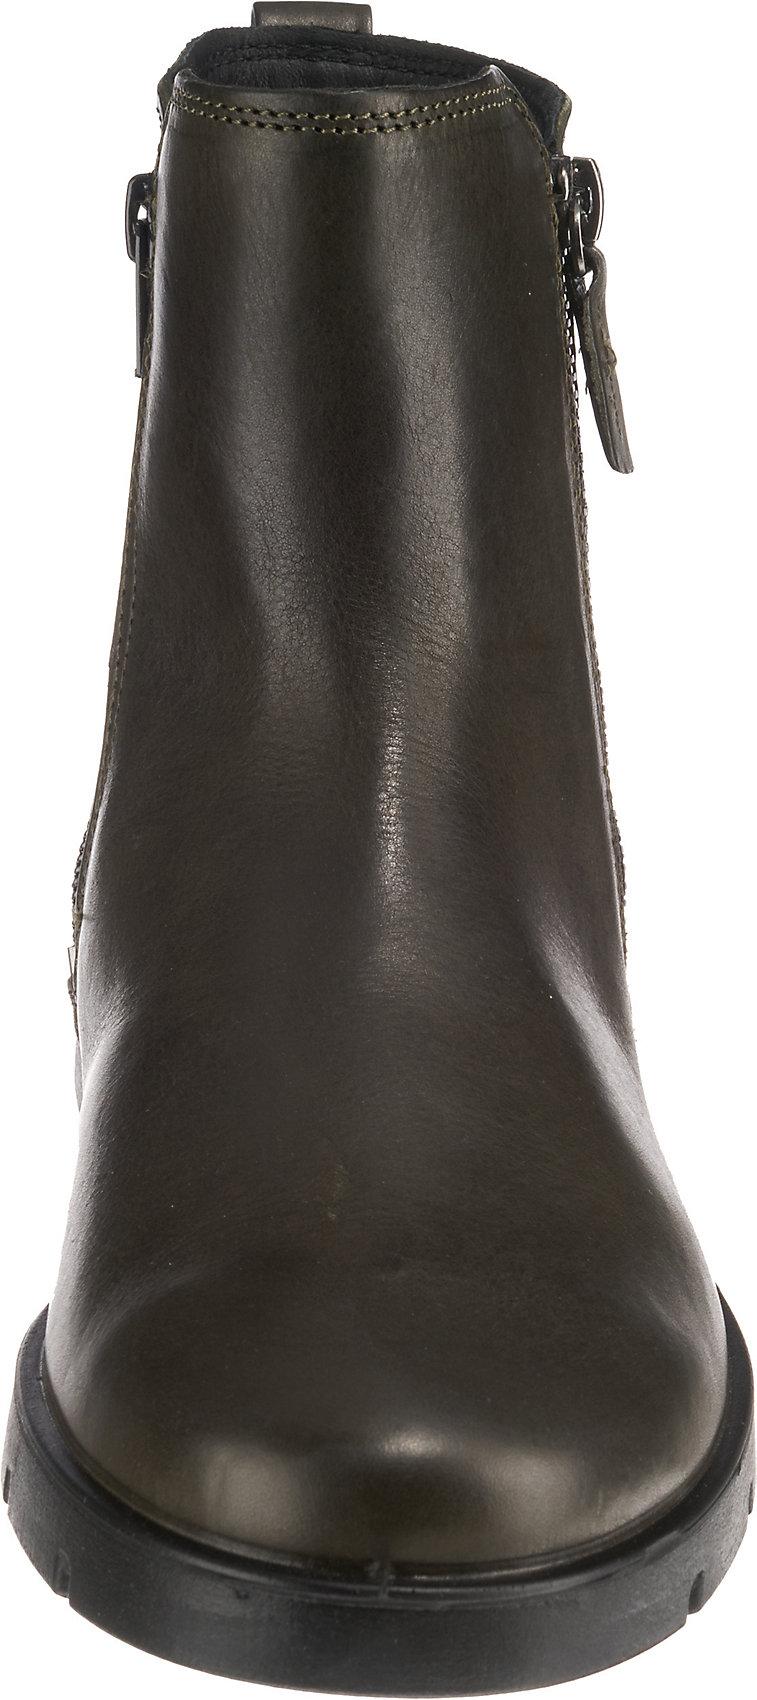 Details zu Neu Ecco Bella Klassische Stiefeletten 11373499 für Damen dunkelgrün